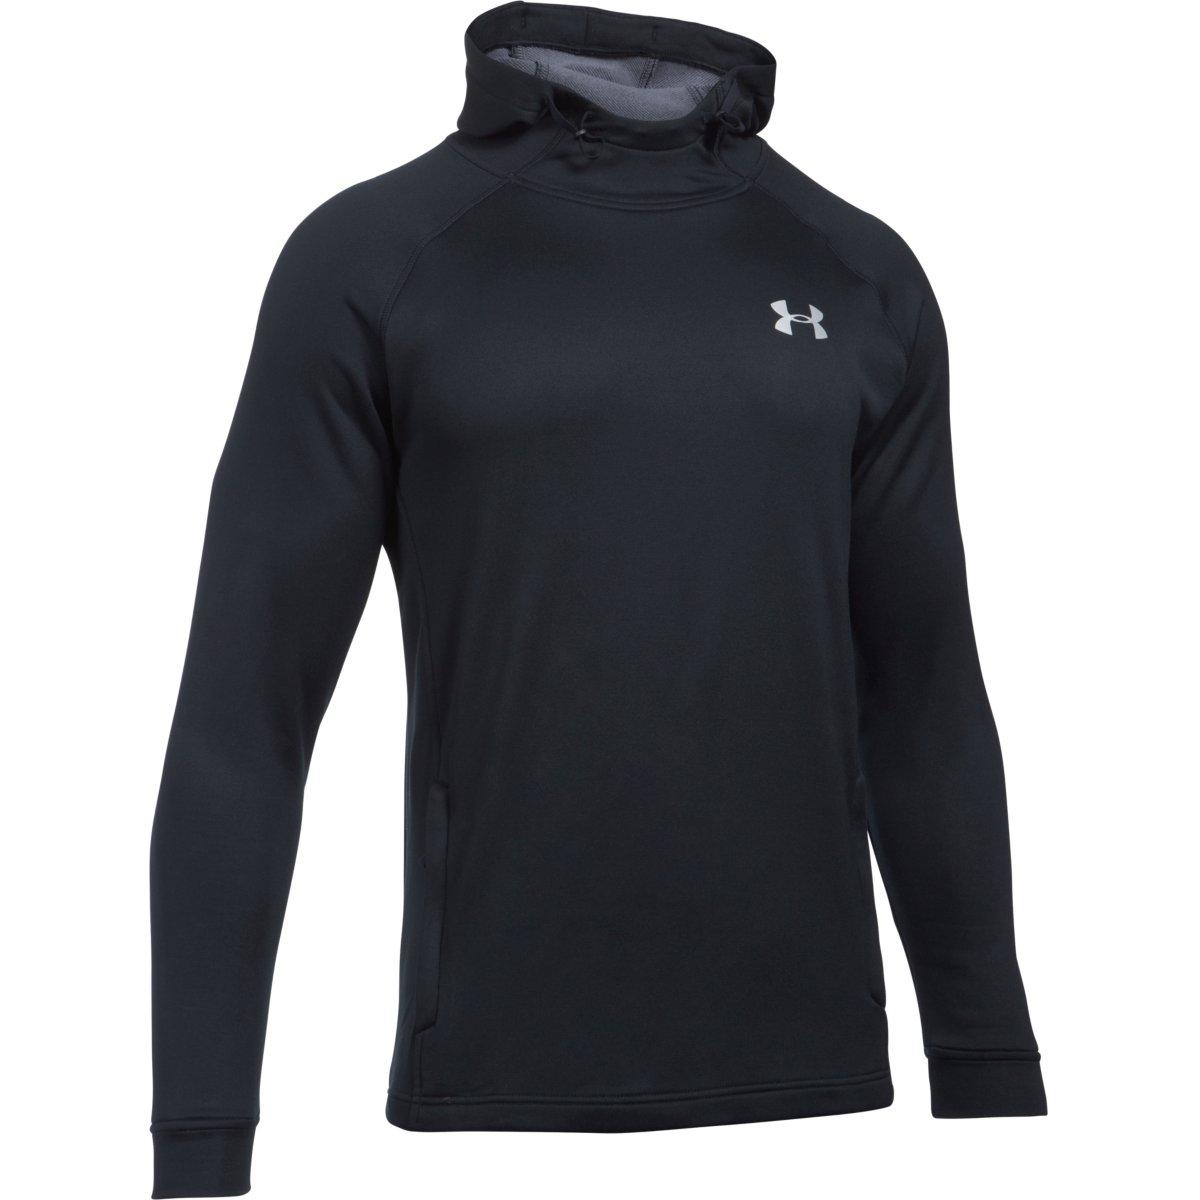 Men/'s Under Armour Tech Terry Long Sleeve Shirt